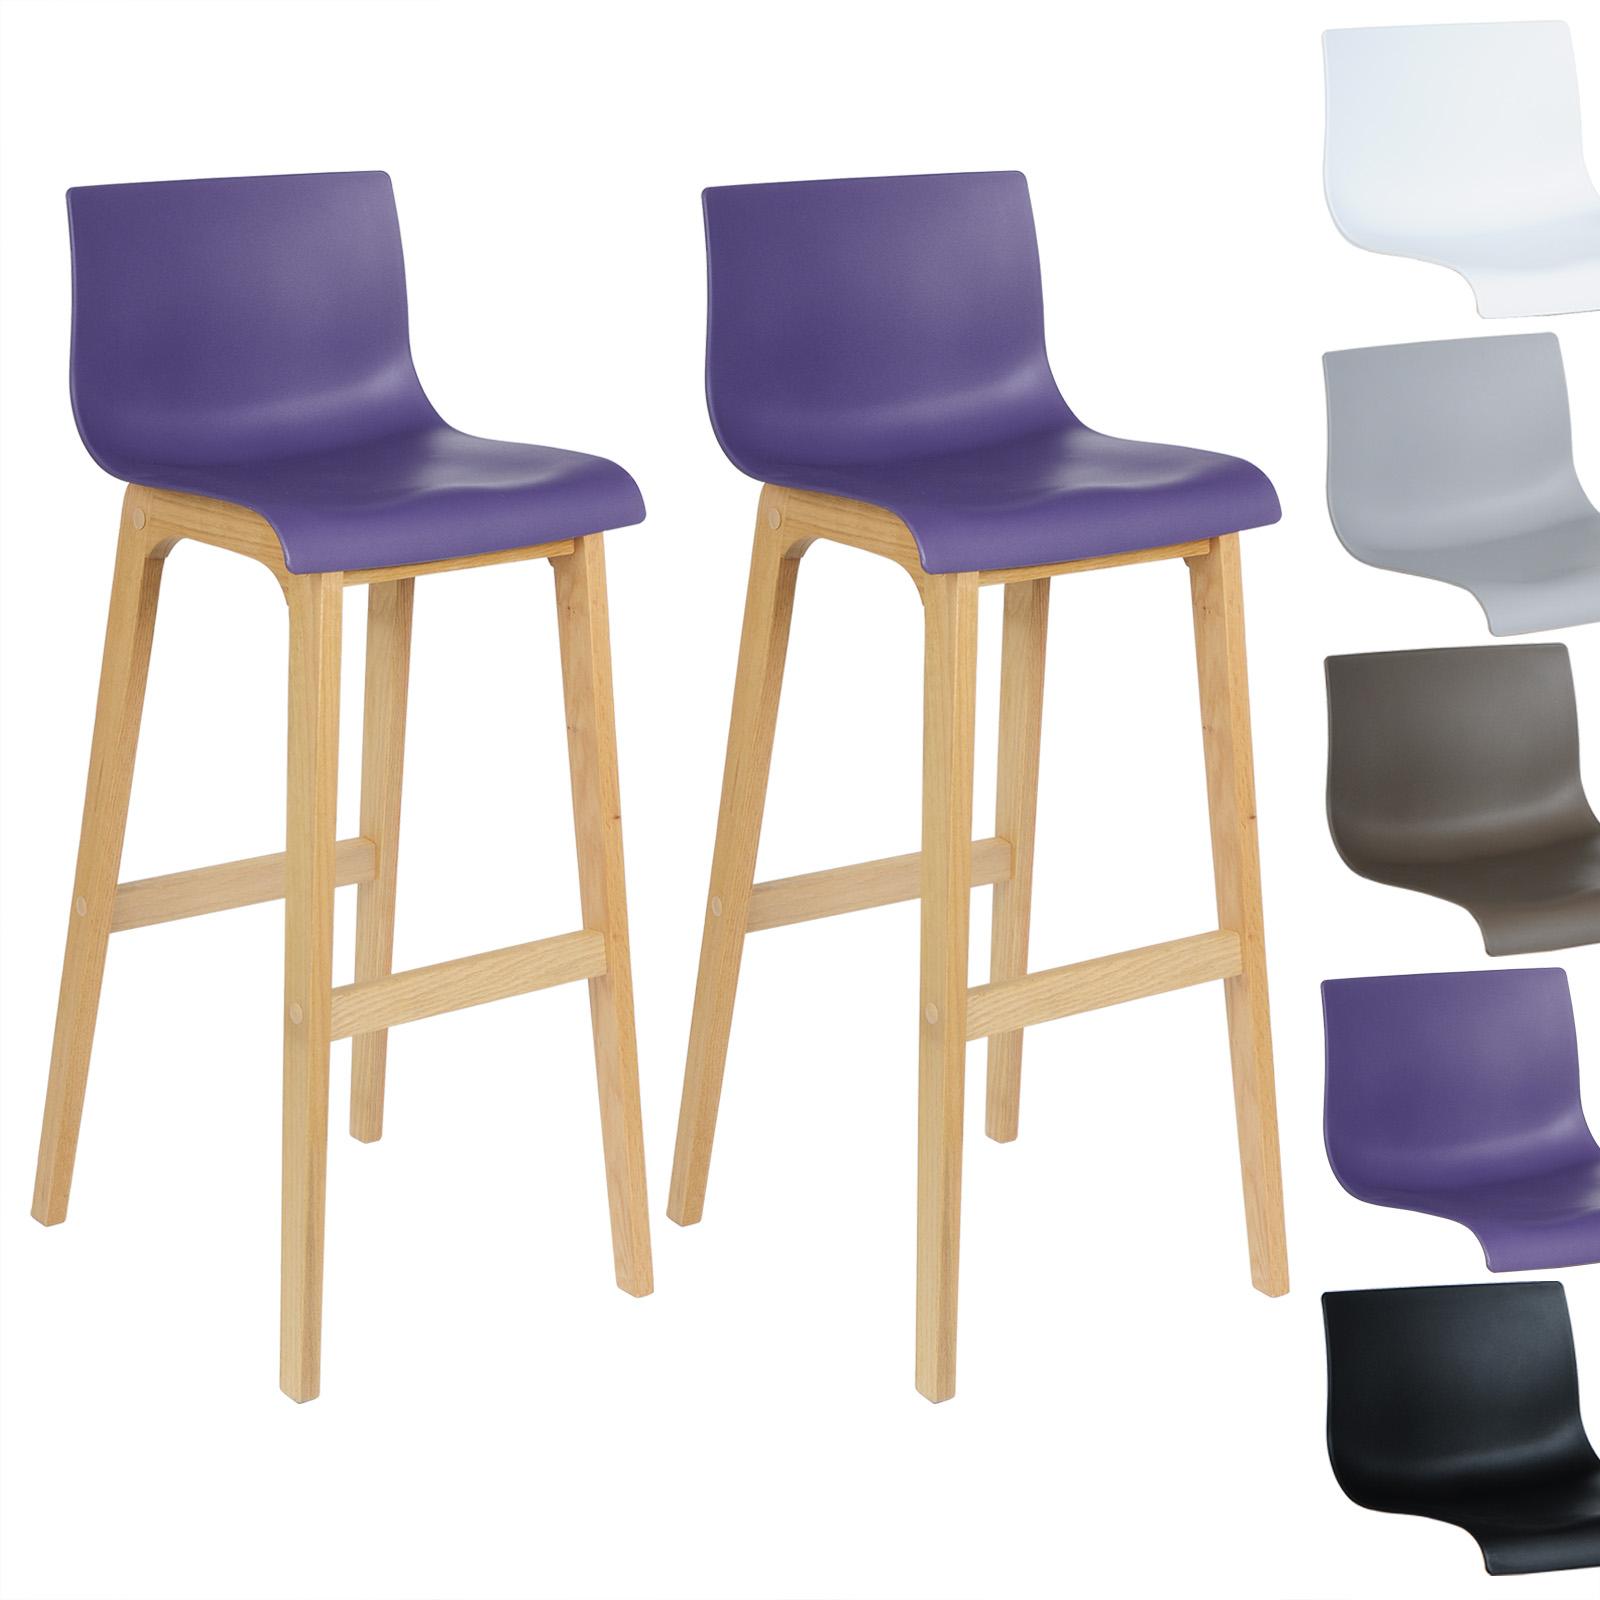 tabouret de bar lot de 2 en plastique chaise en bois avec dossier f090 ebay. Black Bedroom Furniture Sets. Home Design Ideas